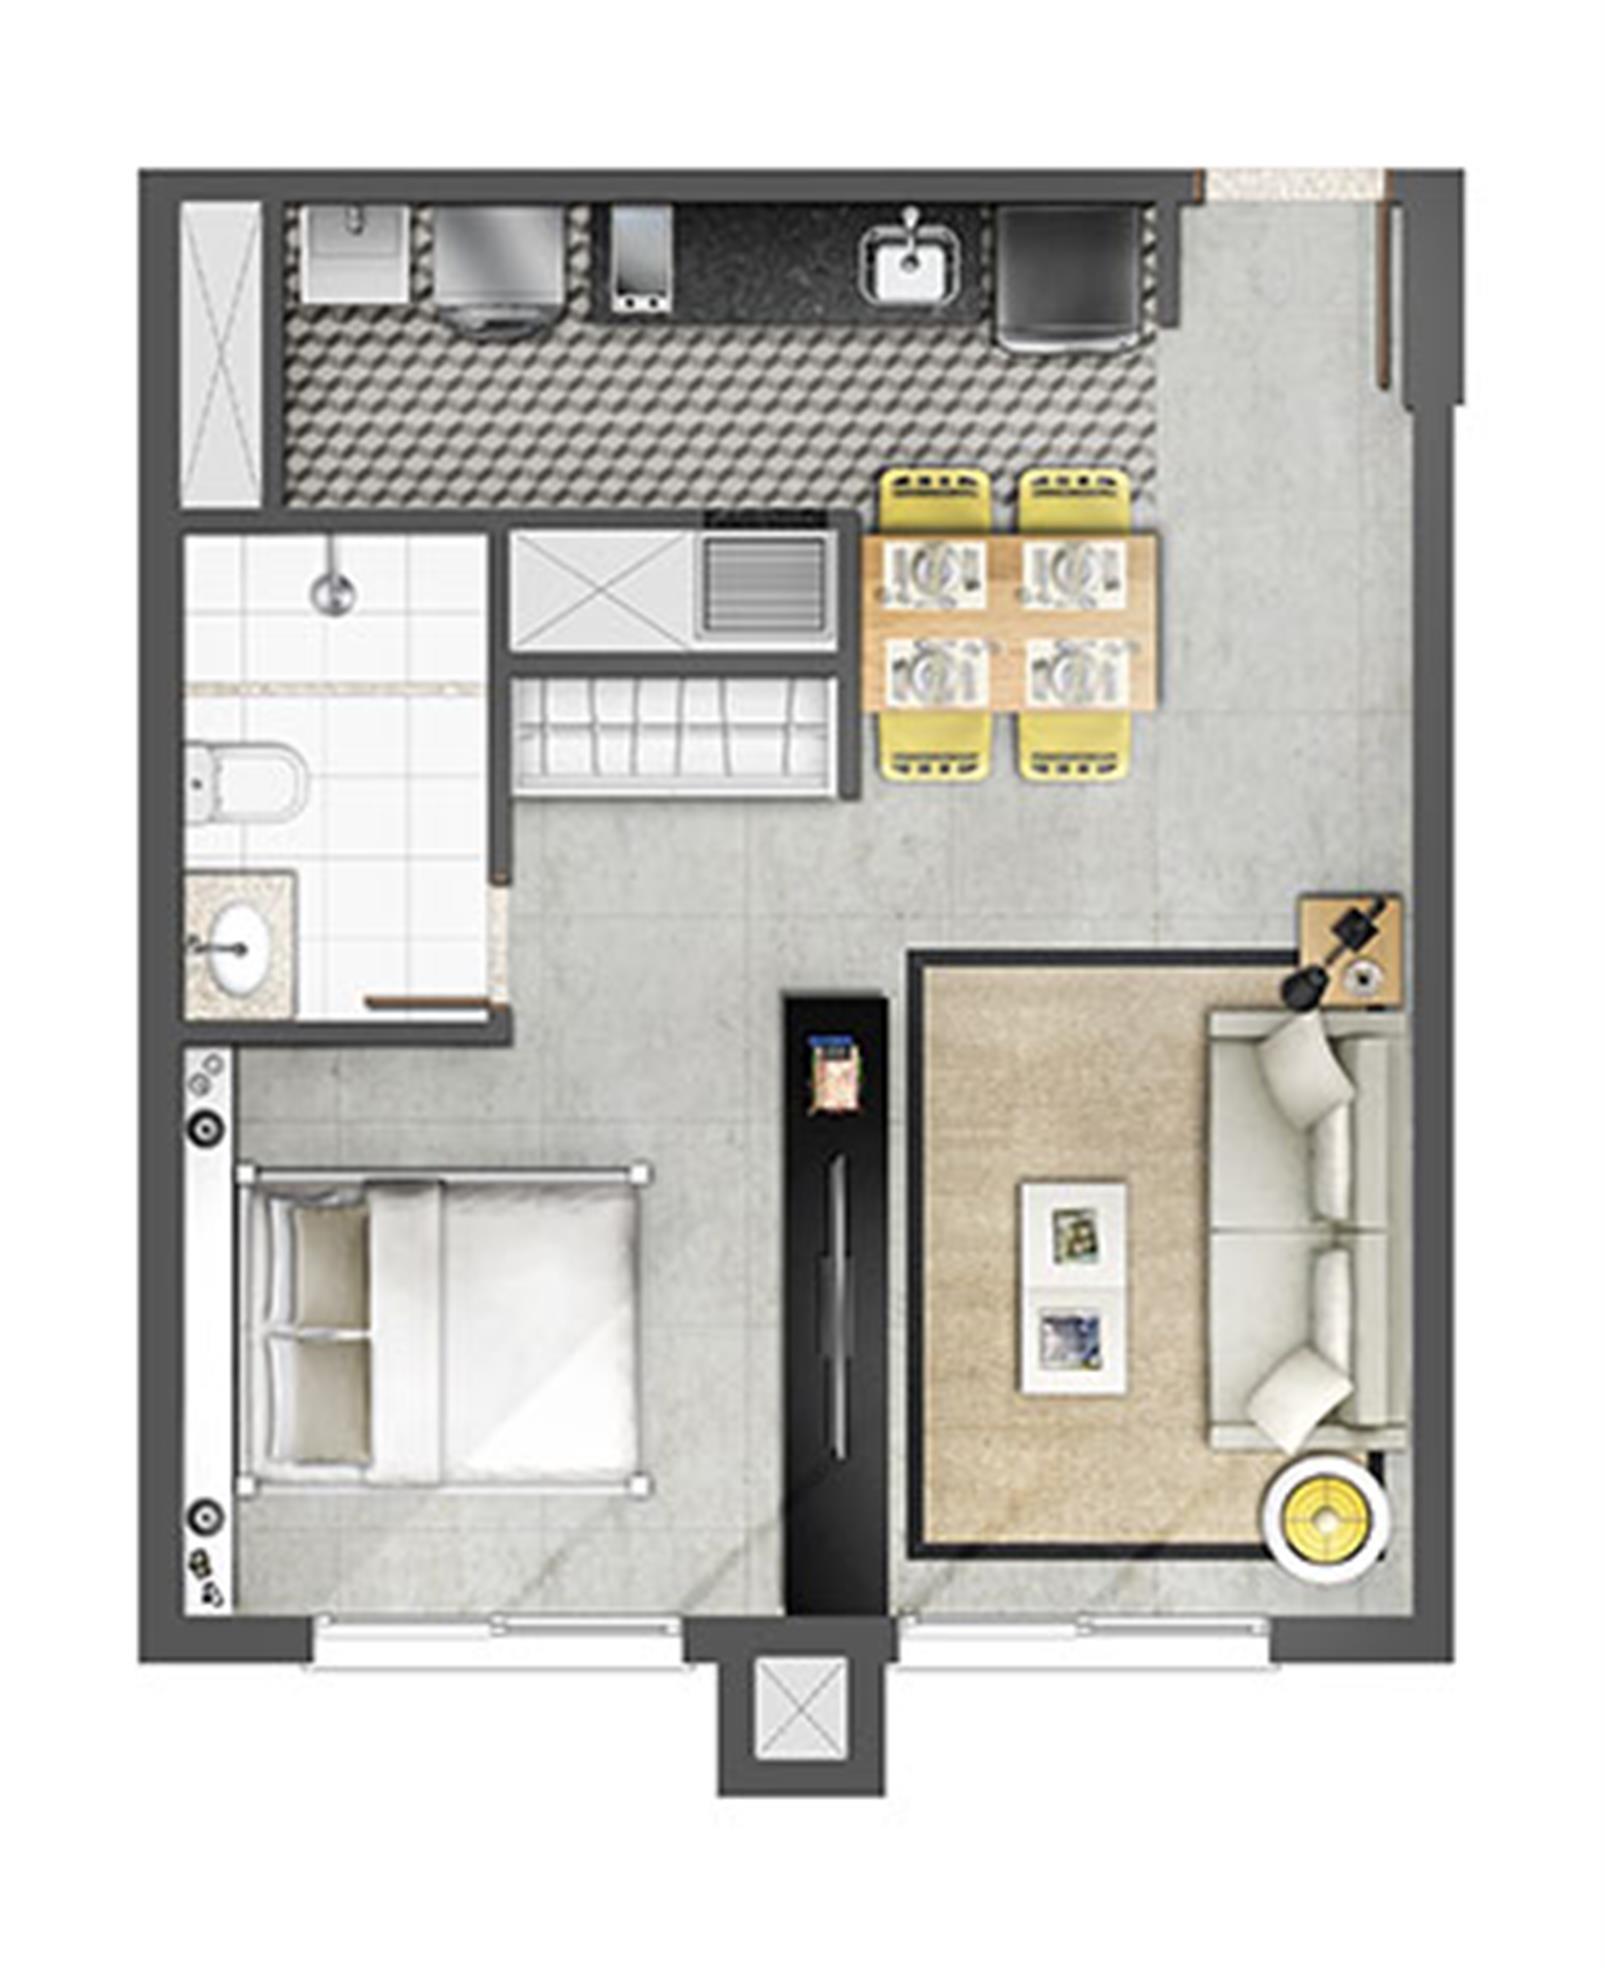 Estudio 45m² | Axis - Home – Apartamentono  Altos de Petrópolis - Porto Alegre - Rio Grande do Sul